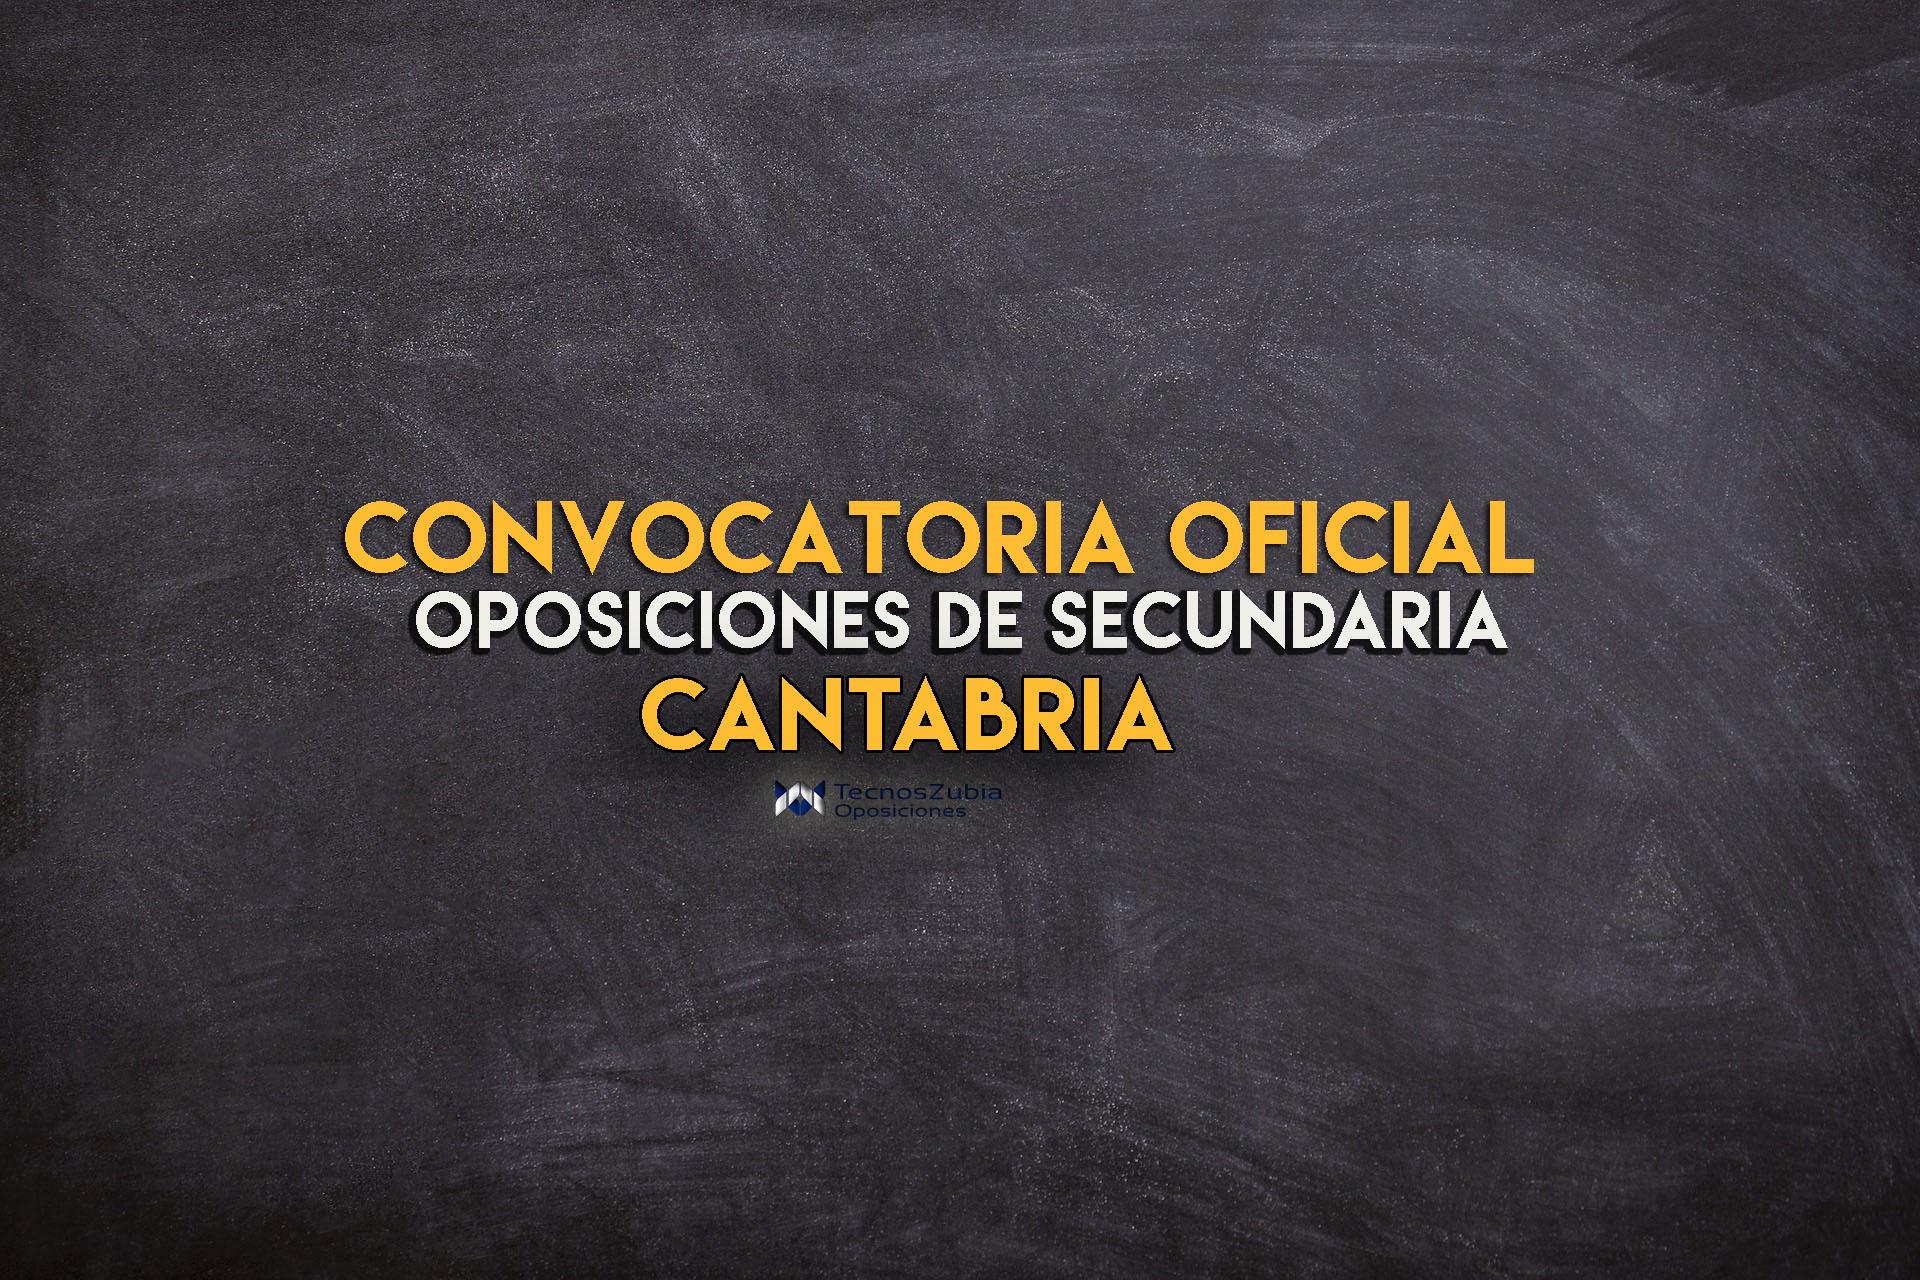 Publicadas las oposiciones de Secundaria 2020 en Cantabria. Mira toda la información.